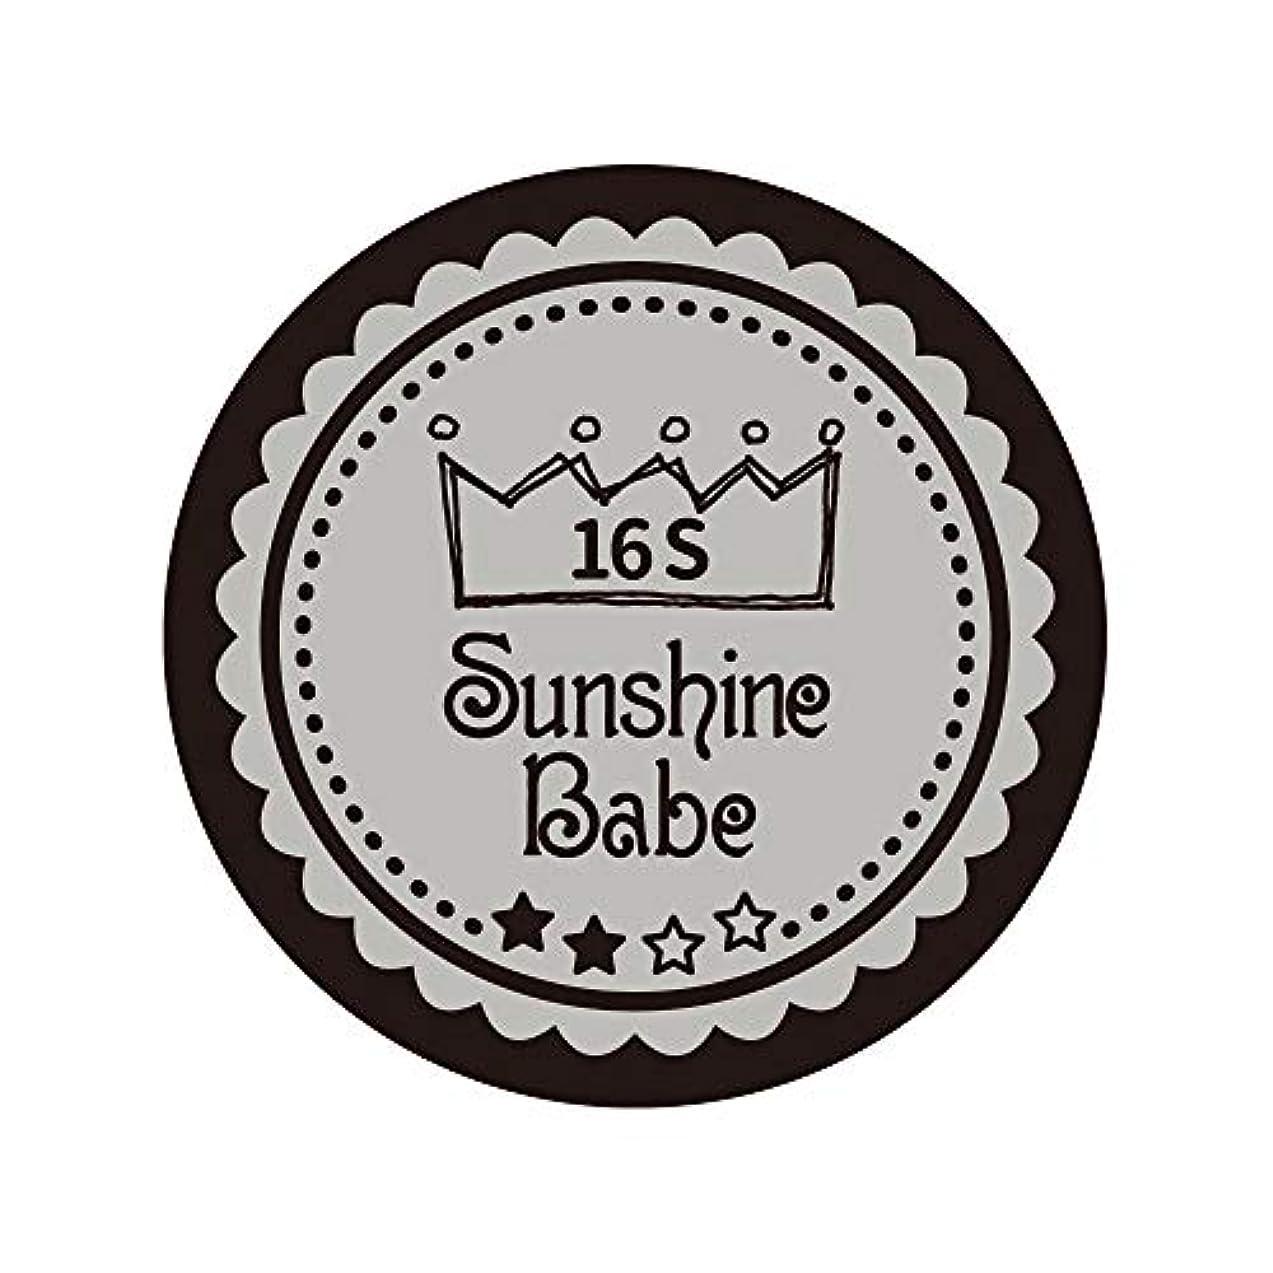 悔い改め広大なたらいSunshine Babe カラージェル 16S ハーバーミスト 2.7g UV/LED対応